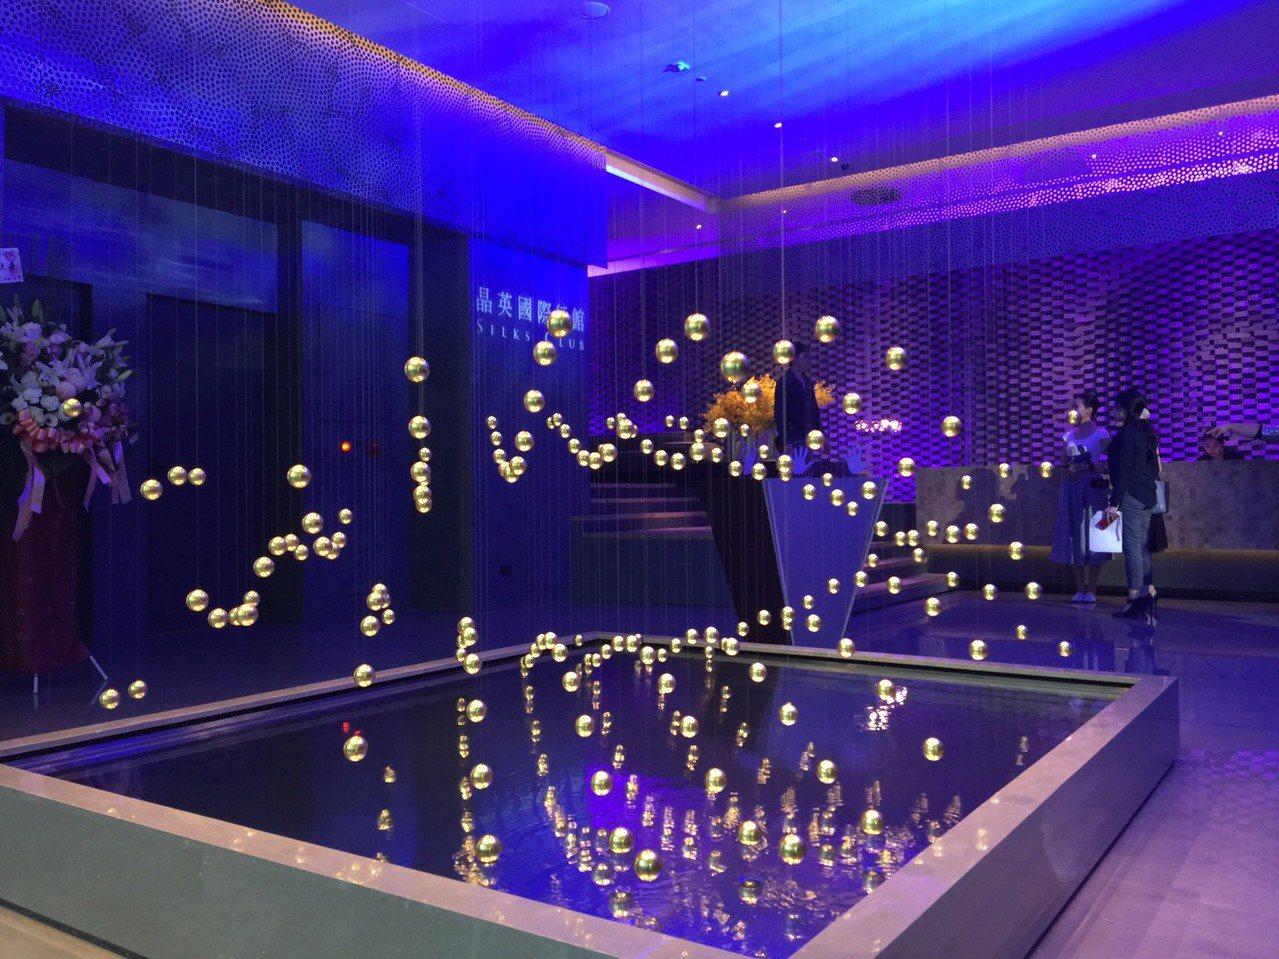 大廳最吸睛的藝術創作「舞動的粒子」。記者羅建怡/攝影